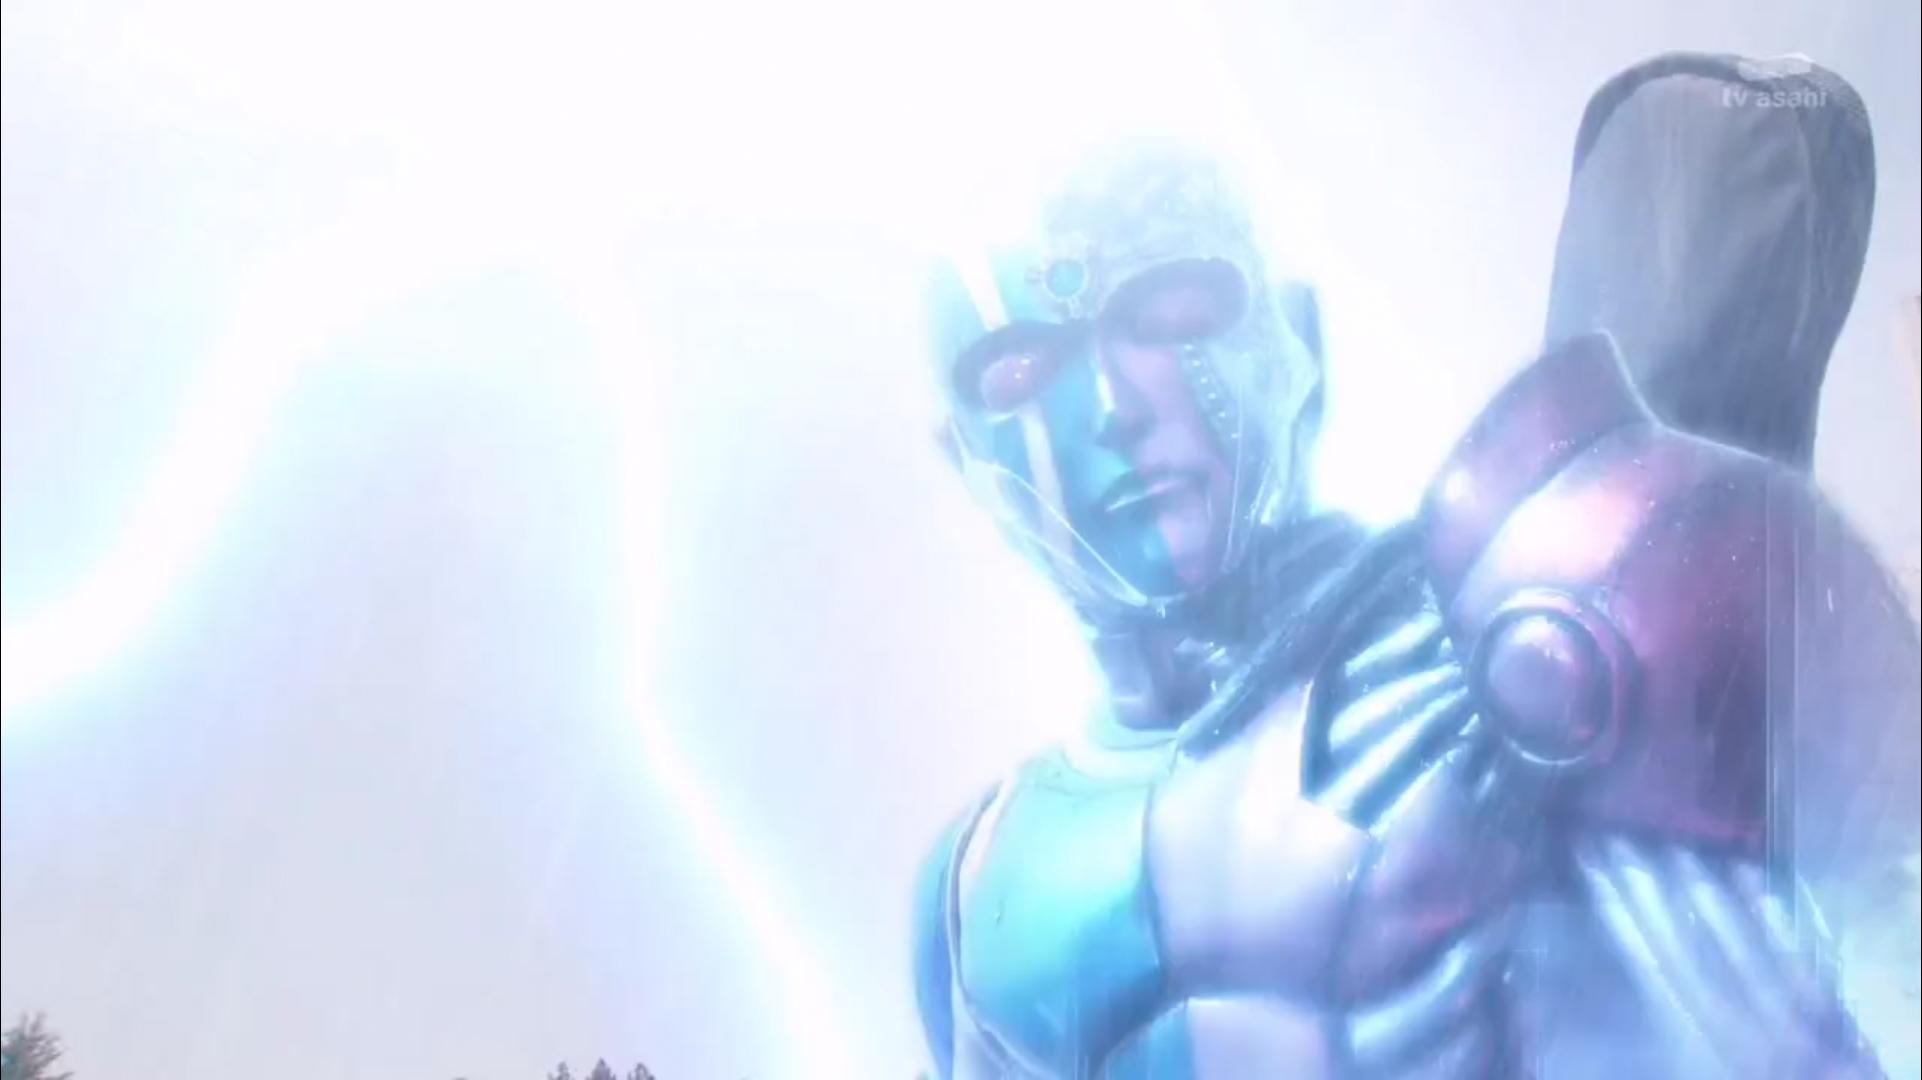 假面骑士铠武30集片段06 番外篇《电脑奇侠》